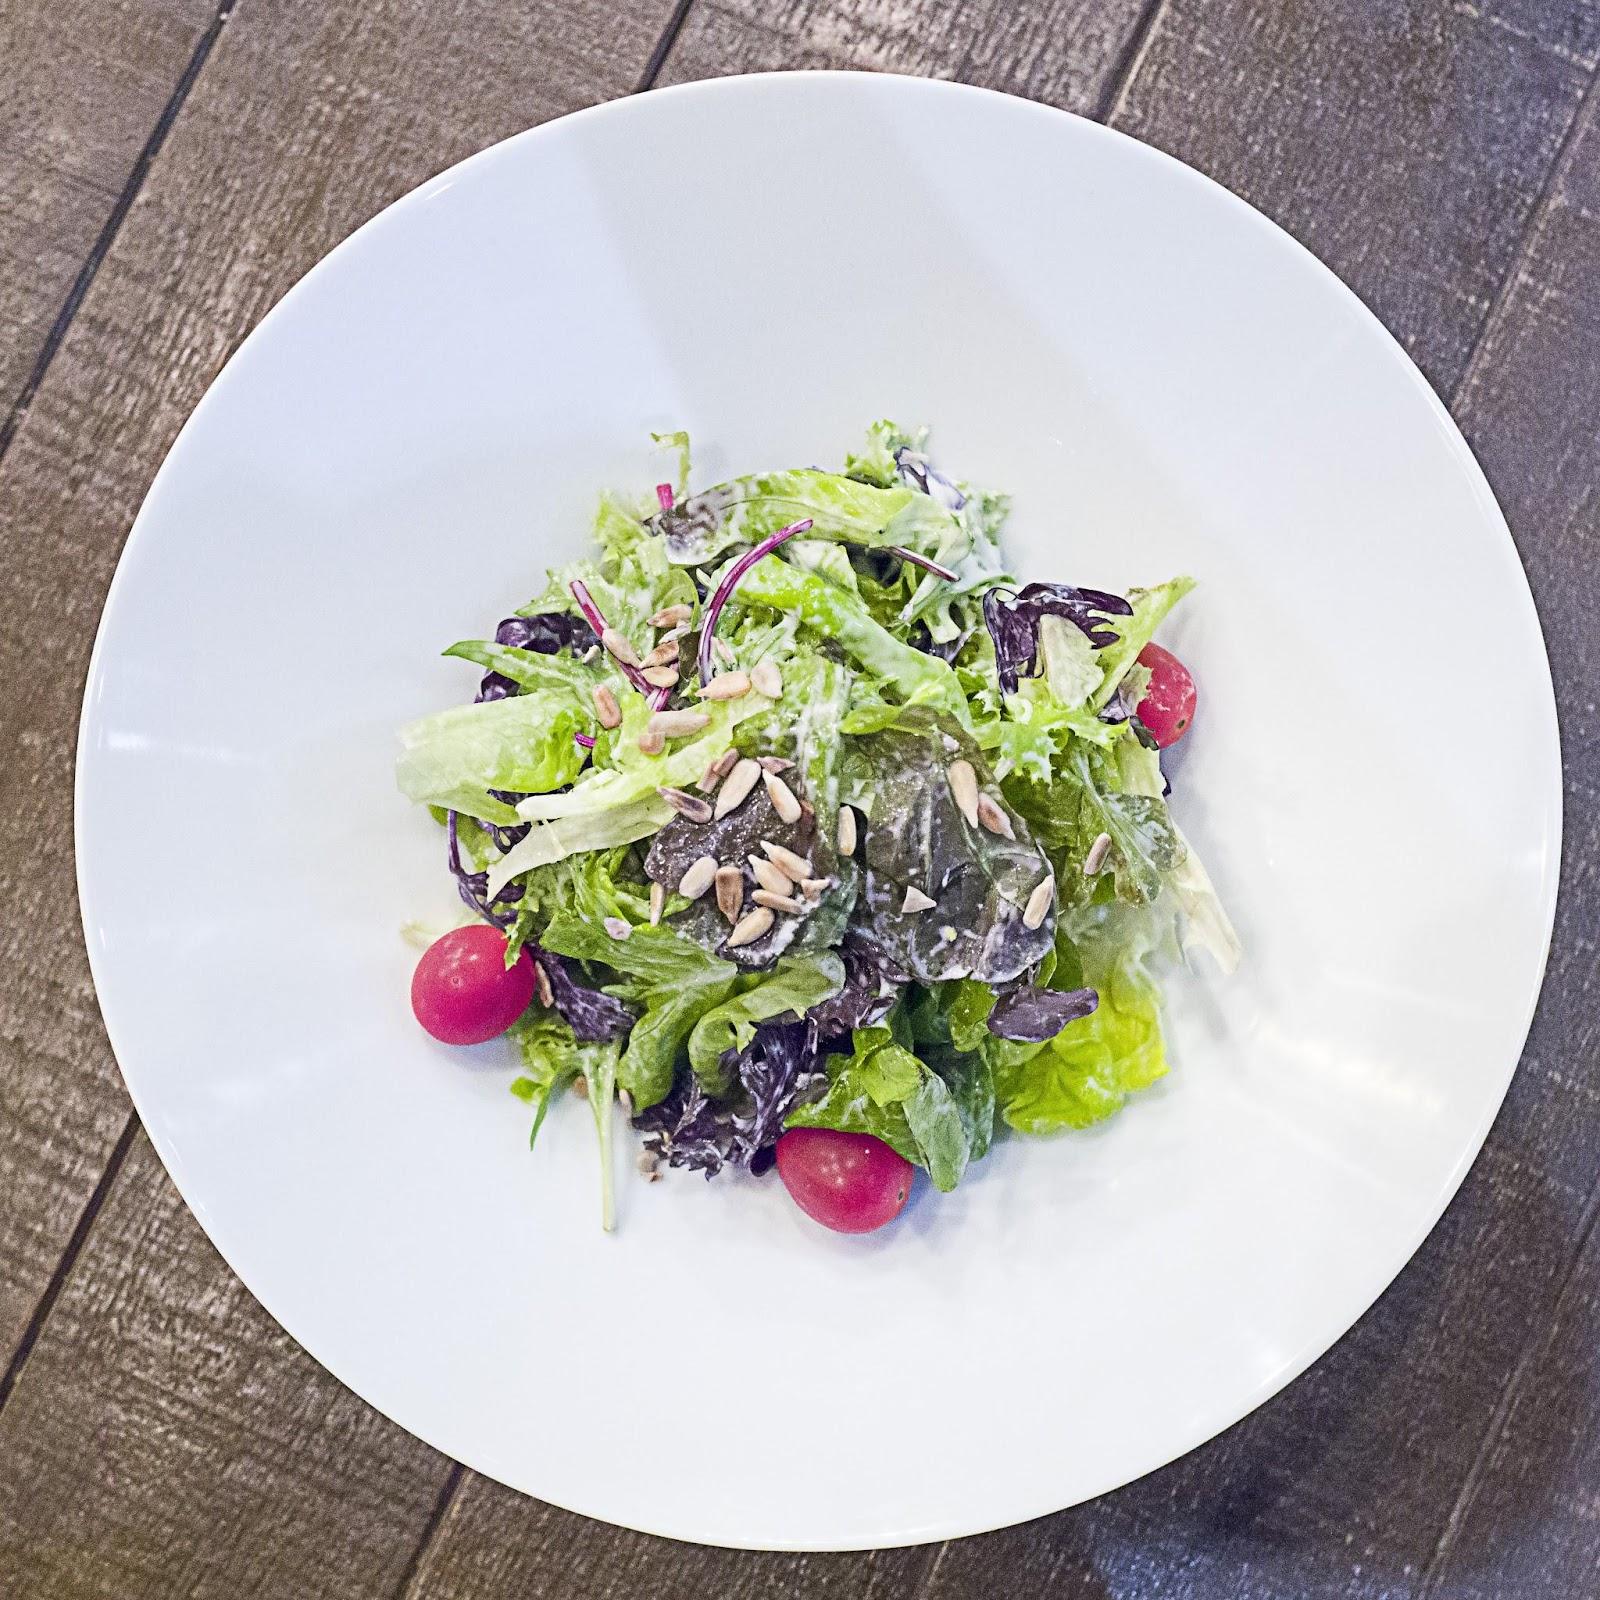 f-salad-L1100458.jpg